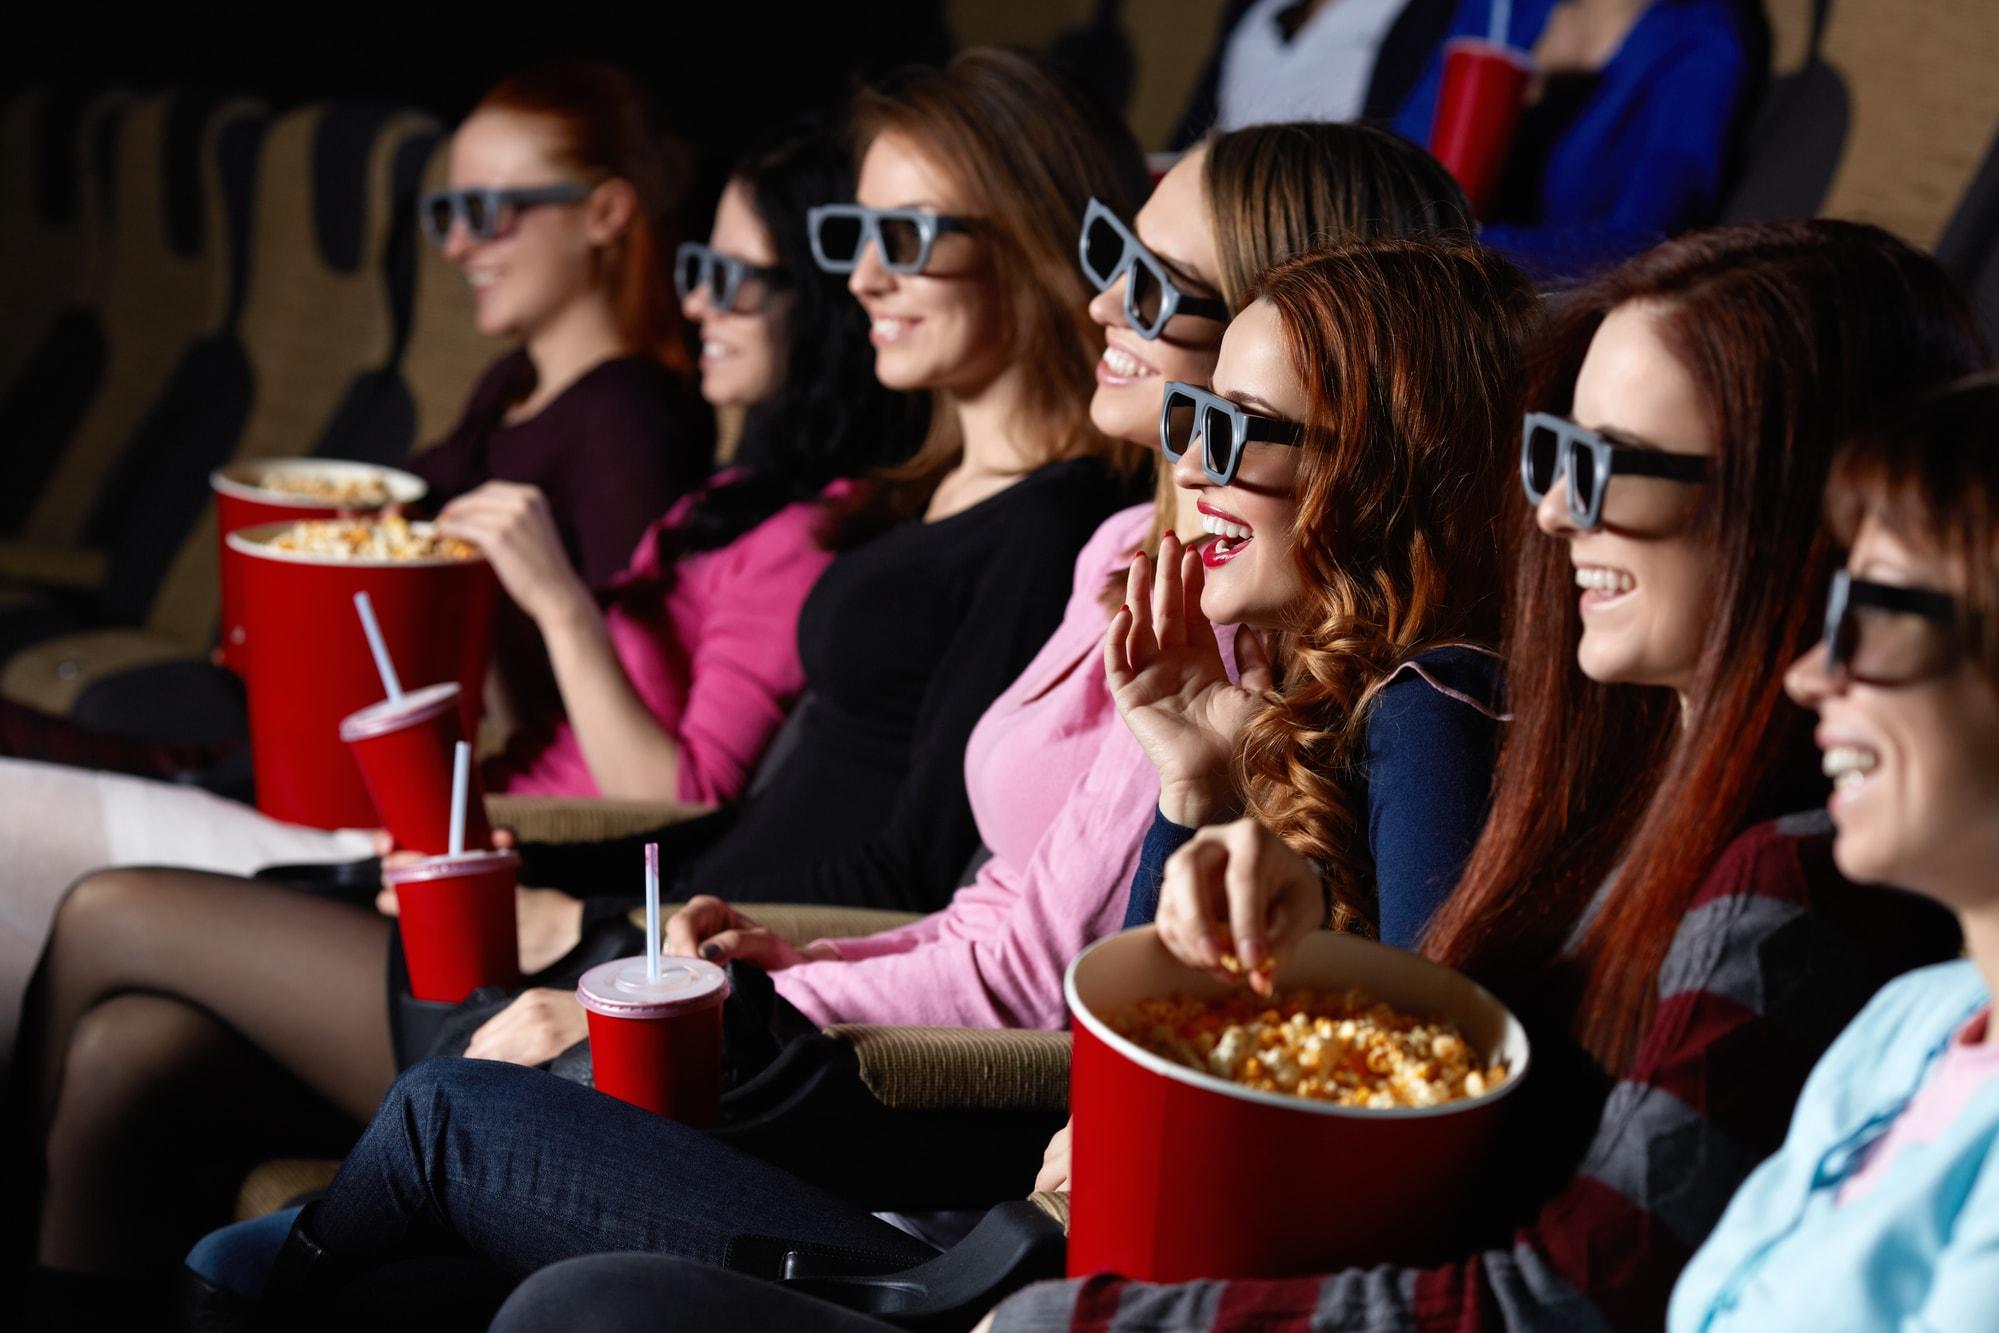 Мультфильм «Семейка Крудс: Новоселье» стал лидером американского кинопроката